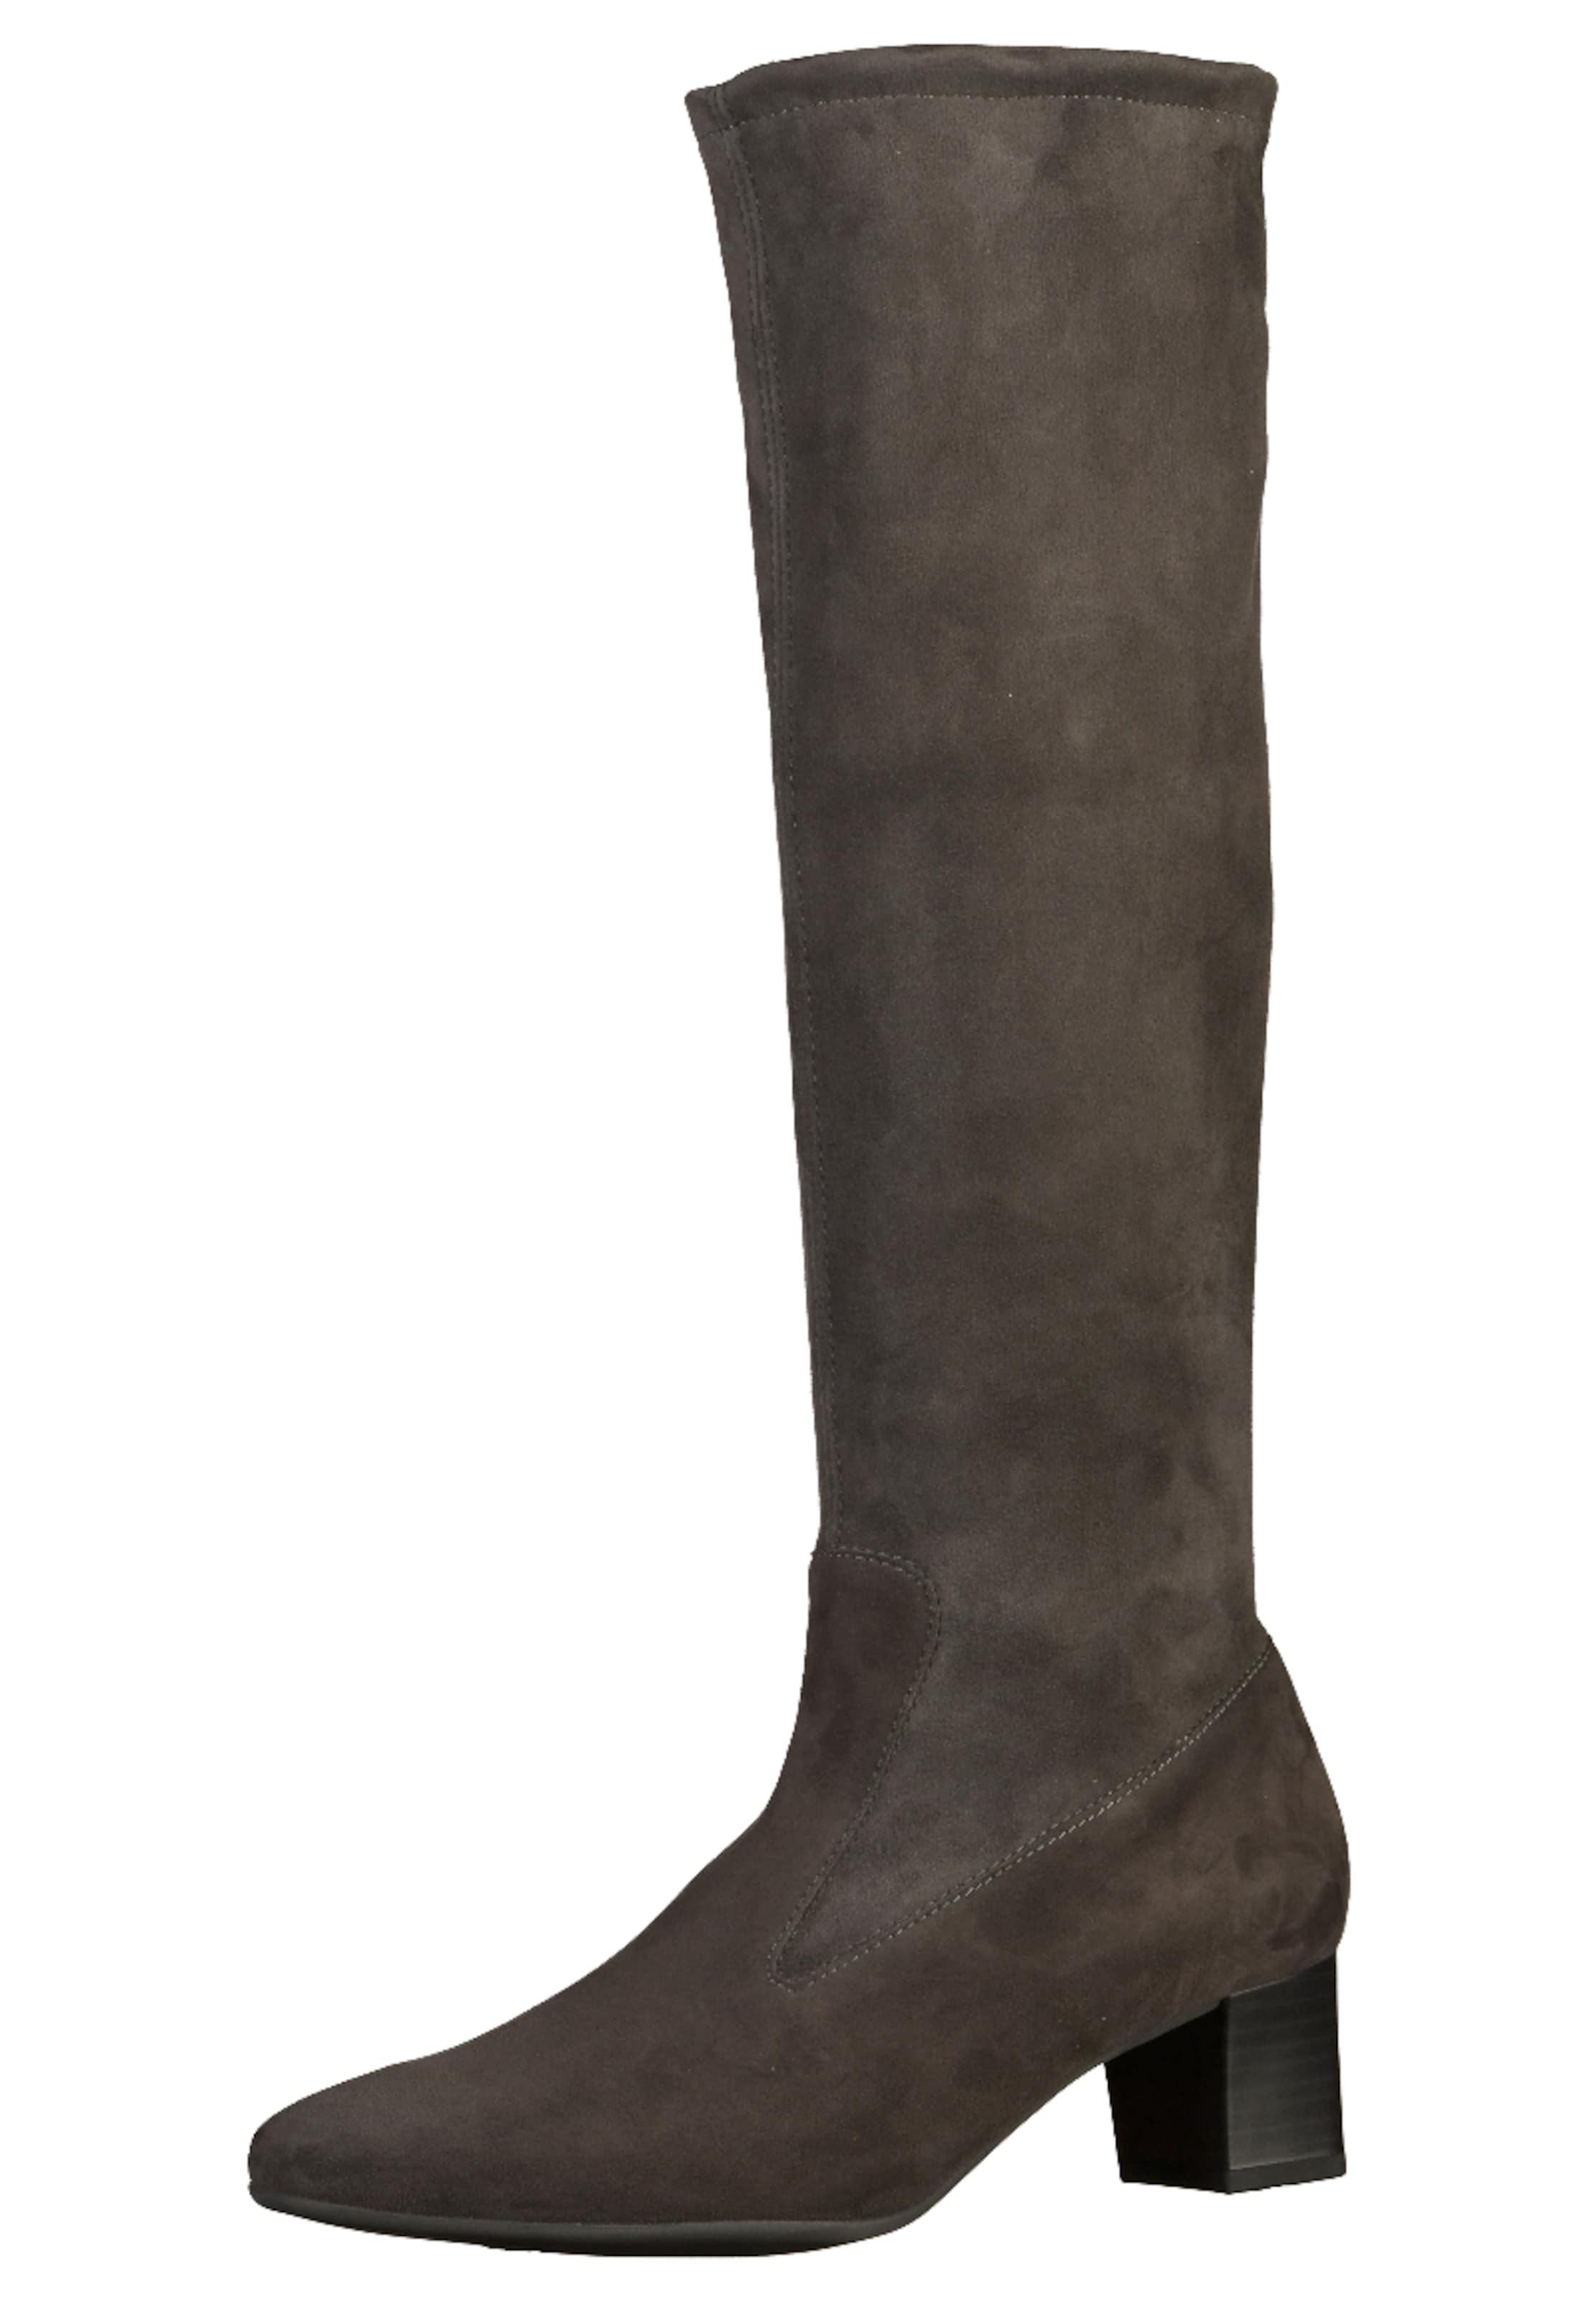 Haltbare Mode Schuhe billige Schuhe PETER KAISER | Stiefel Schuhe Mode Gut getragene Schuhe fd3c66